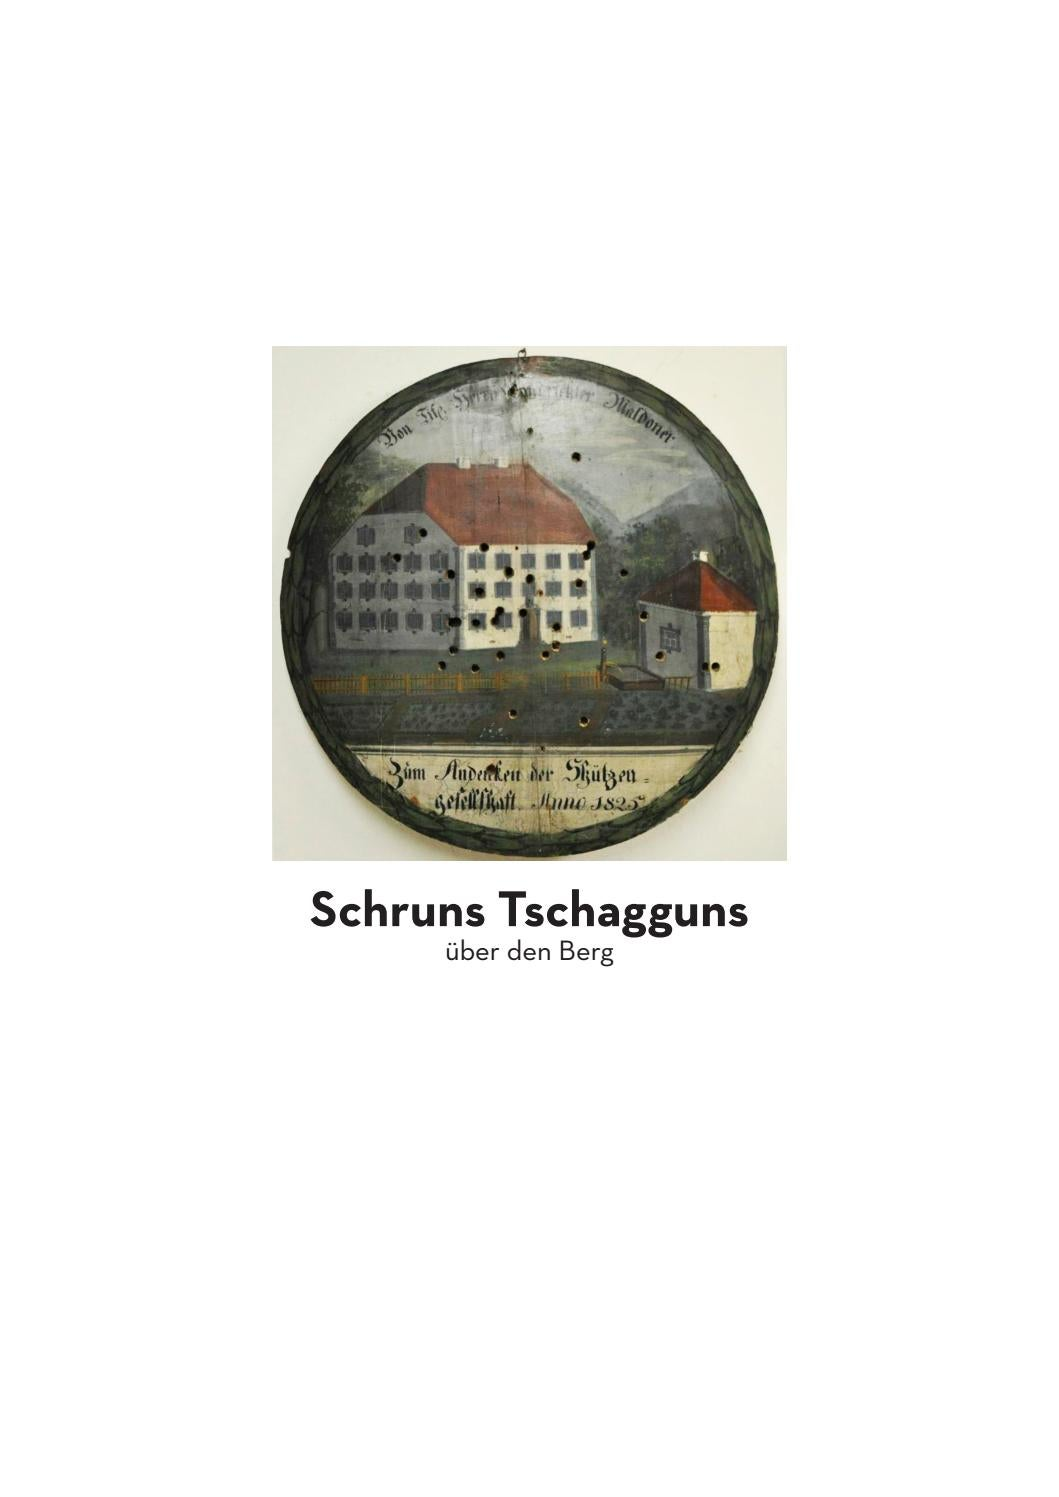 Schruns Tschagguns - über den Berg\